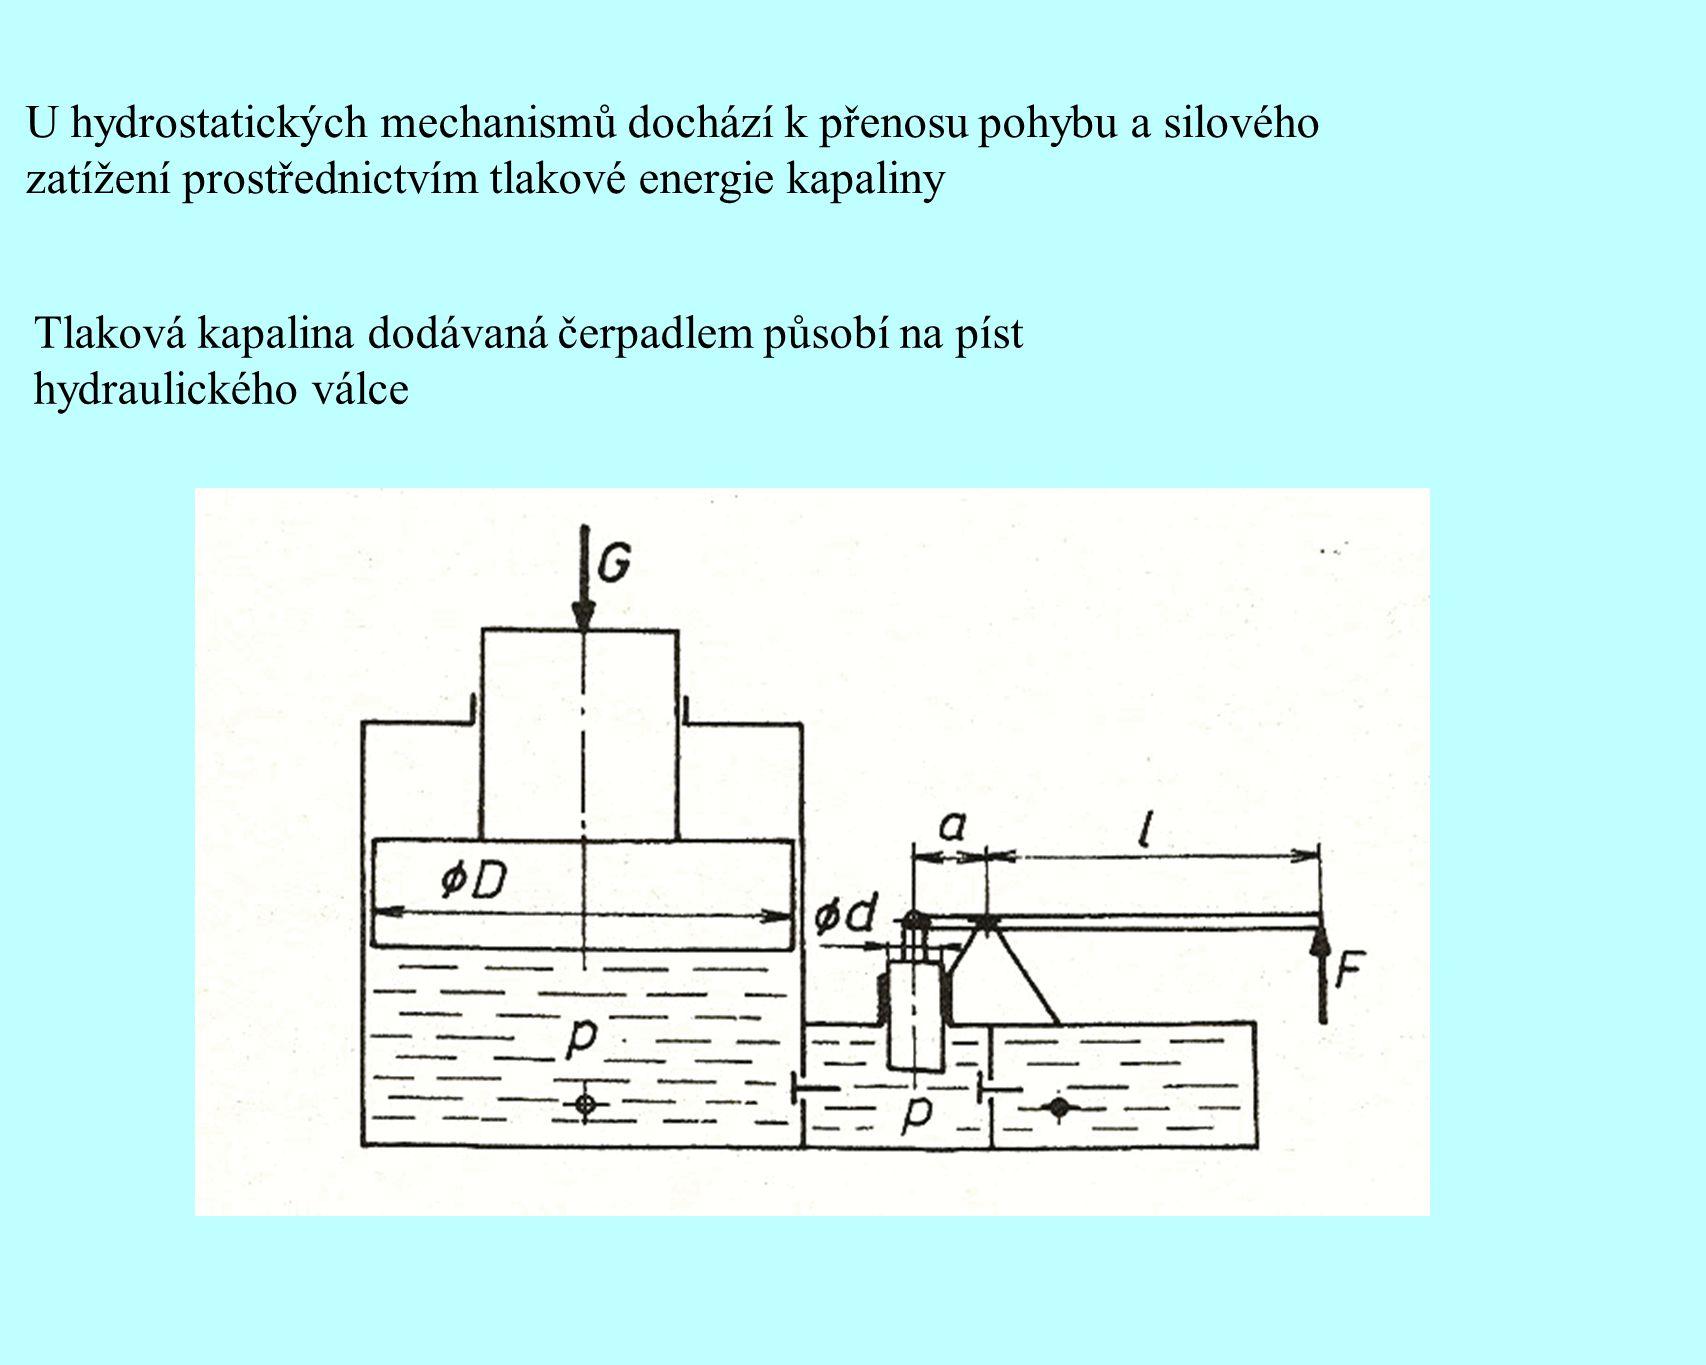 U hydrostatických mechanismů dochází k přenosu pohybu a silového zatížení prostřednictvím tlakové energie kapaliny Tlaková kapalina dodávaná čerpadlem